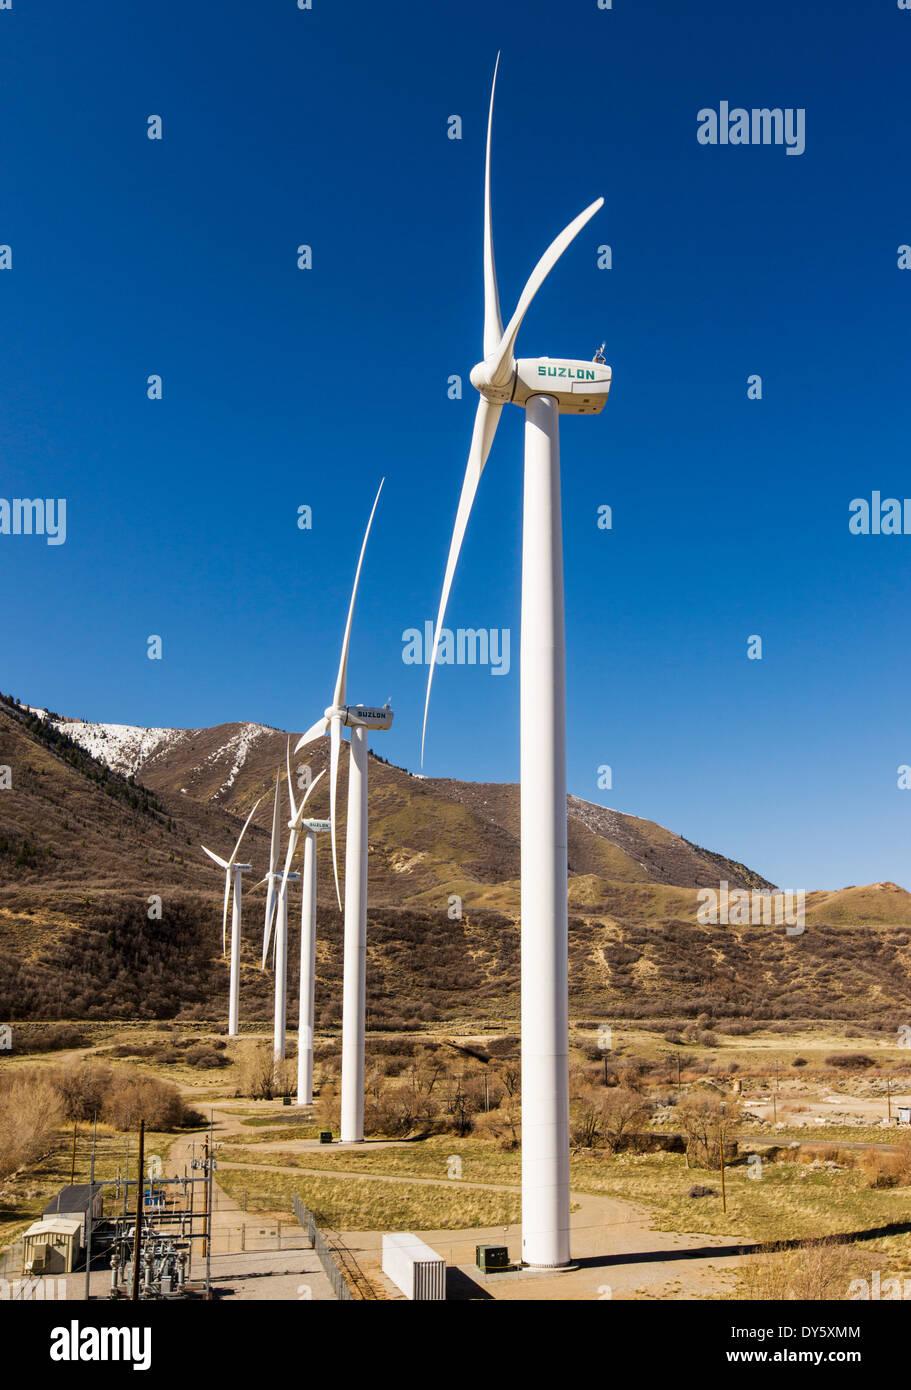 Windkraftanlagen zur Erzeugung von Strom, Spanish Fork, Utah, USA Stockbild